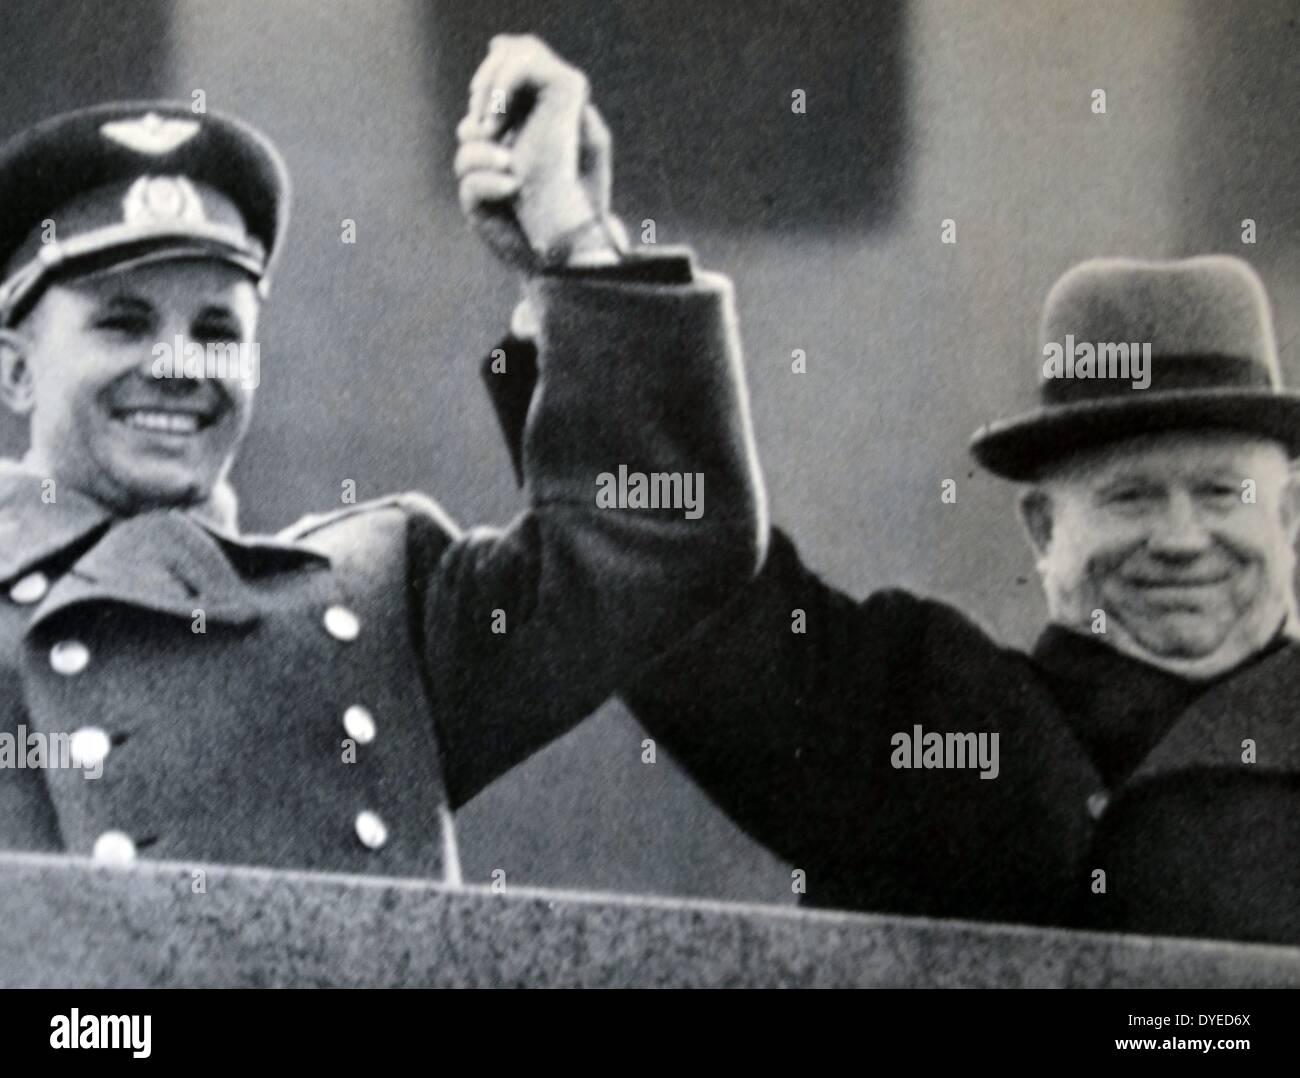 Yuri Gagarin with Nikita Khrushchev - Stock Image